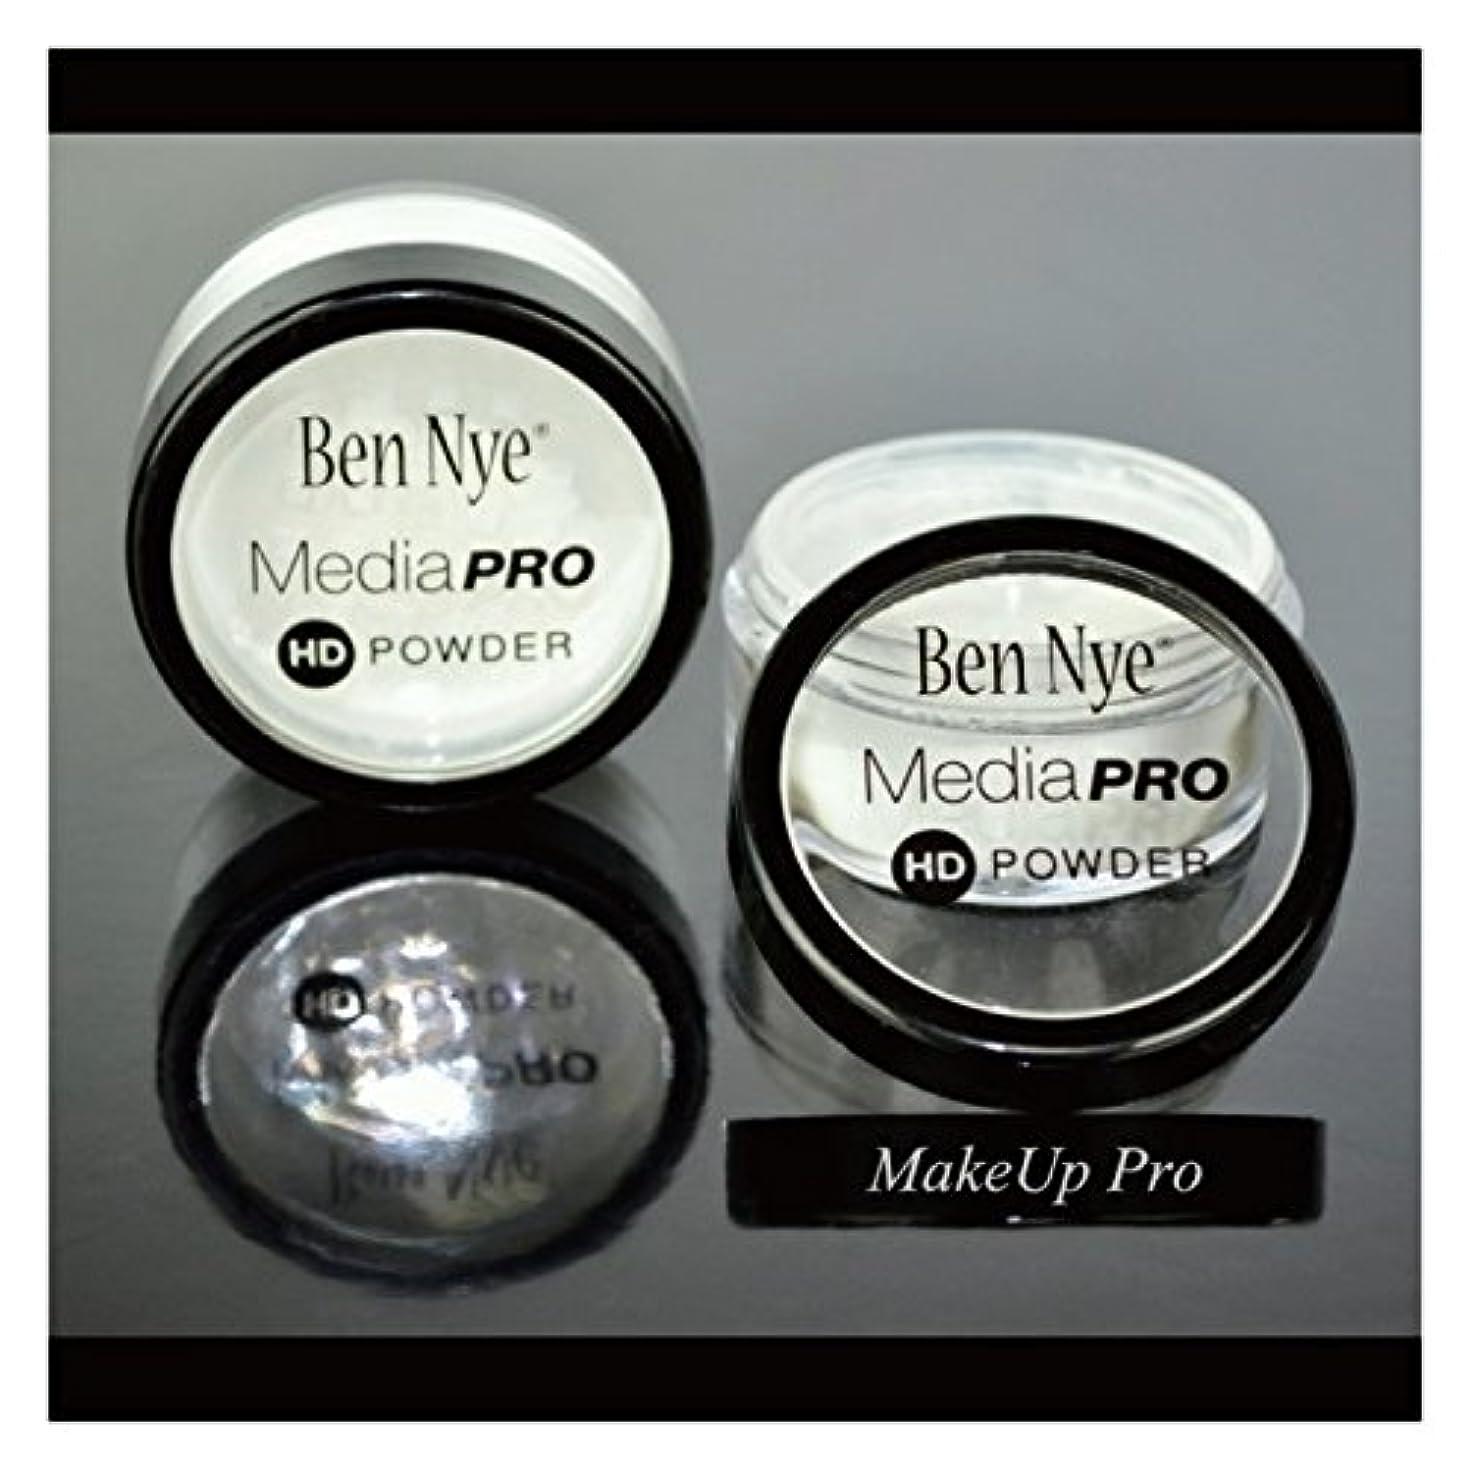 蓄積する難しいしっかりBenNye MediaPRO HD POWDER(ベンナイ メディアプロ HDパウダー2ケセット